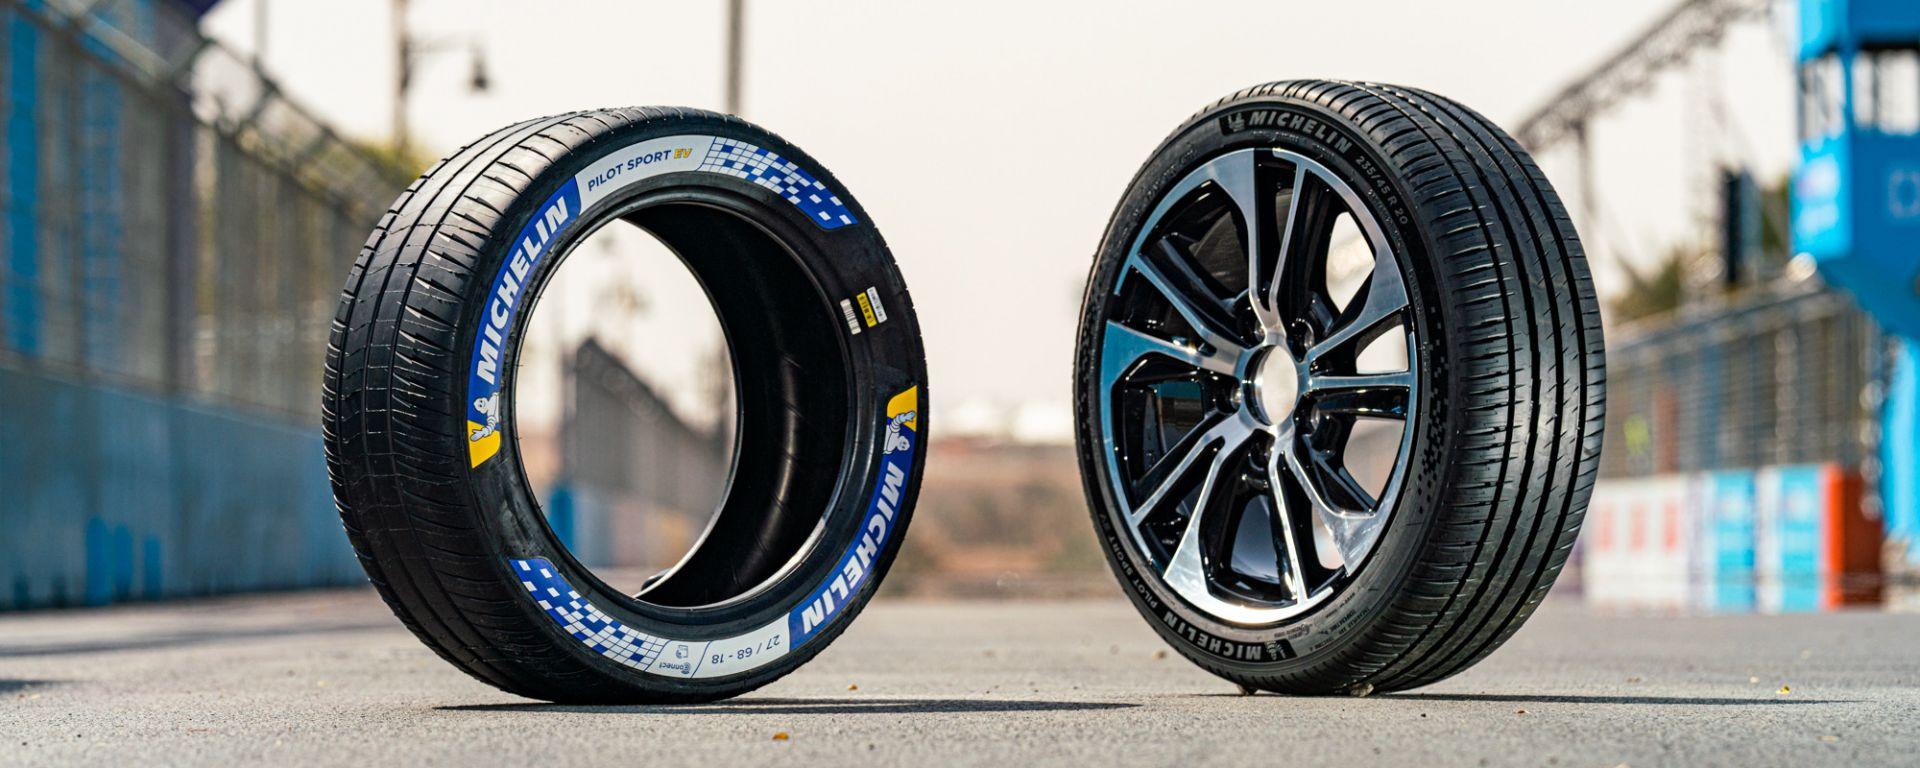 Michelin progetto carbon neutral: futuro eco-compatibile per la Casa francese